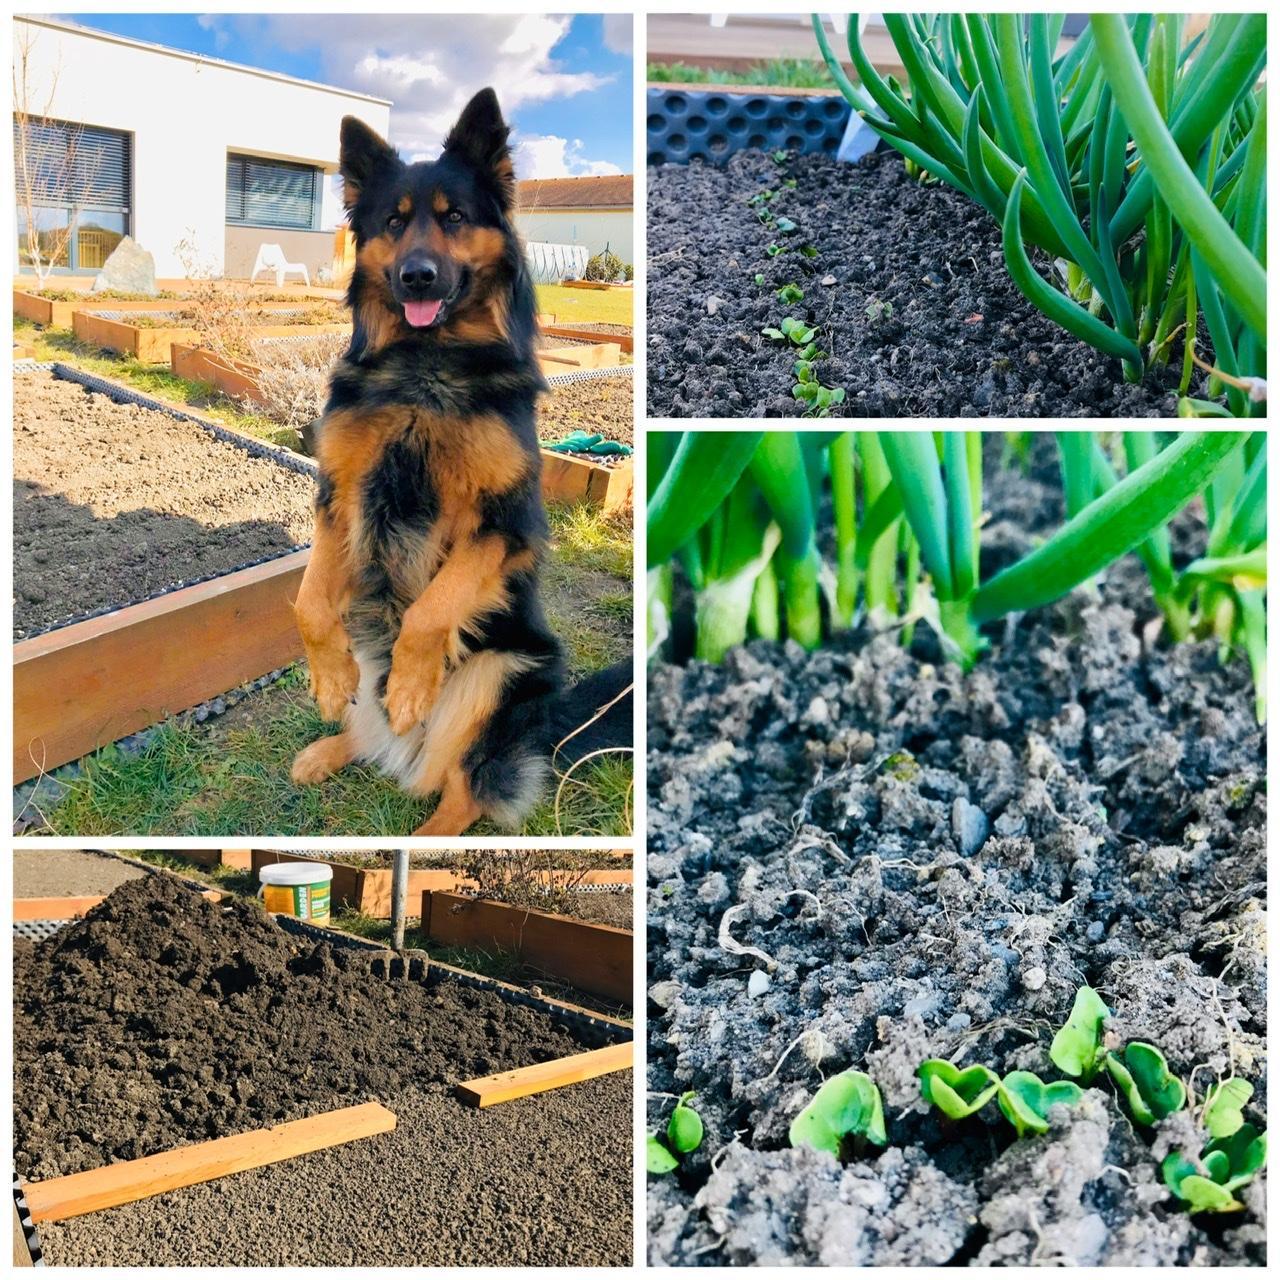 Naše L-ko - 2021 - stále dokončujeme - Moj verný záhradník :)  a mladé reďkovky. Zároveň nachystaná jedna z posledných hriadok pre poslednú 4. várku hrášku. Prvá várka hrášku už klíčí.